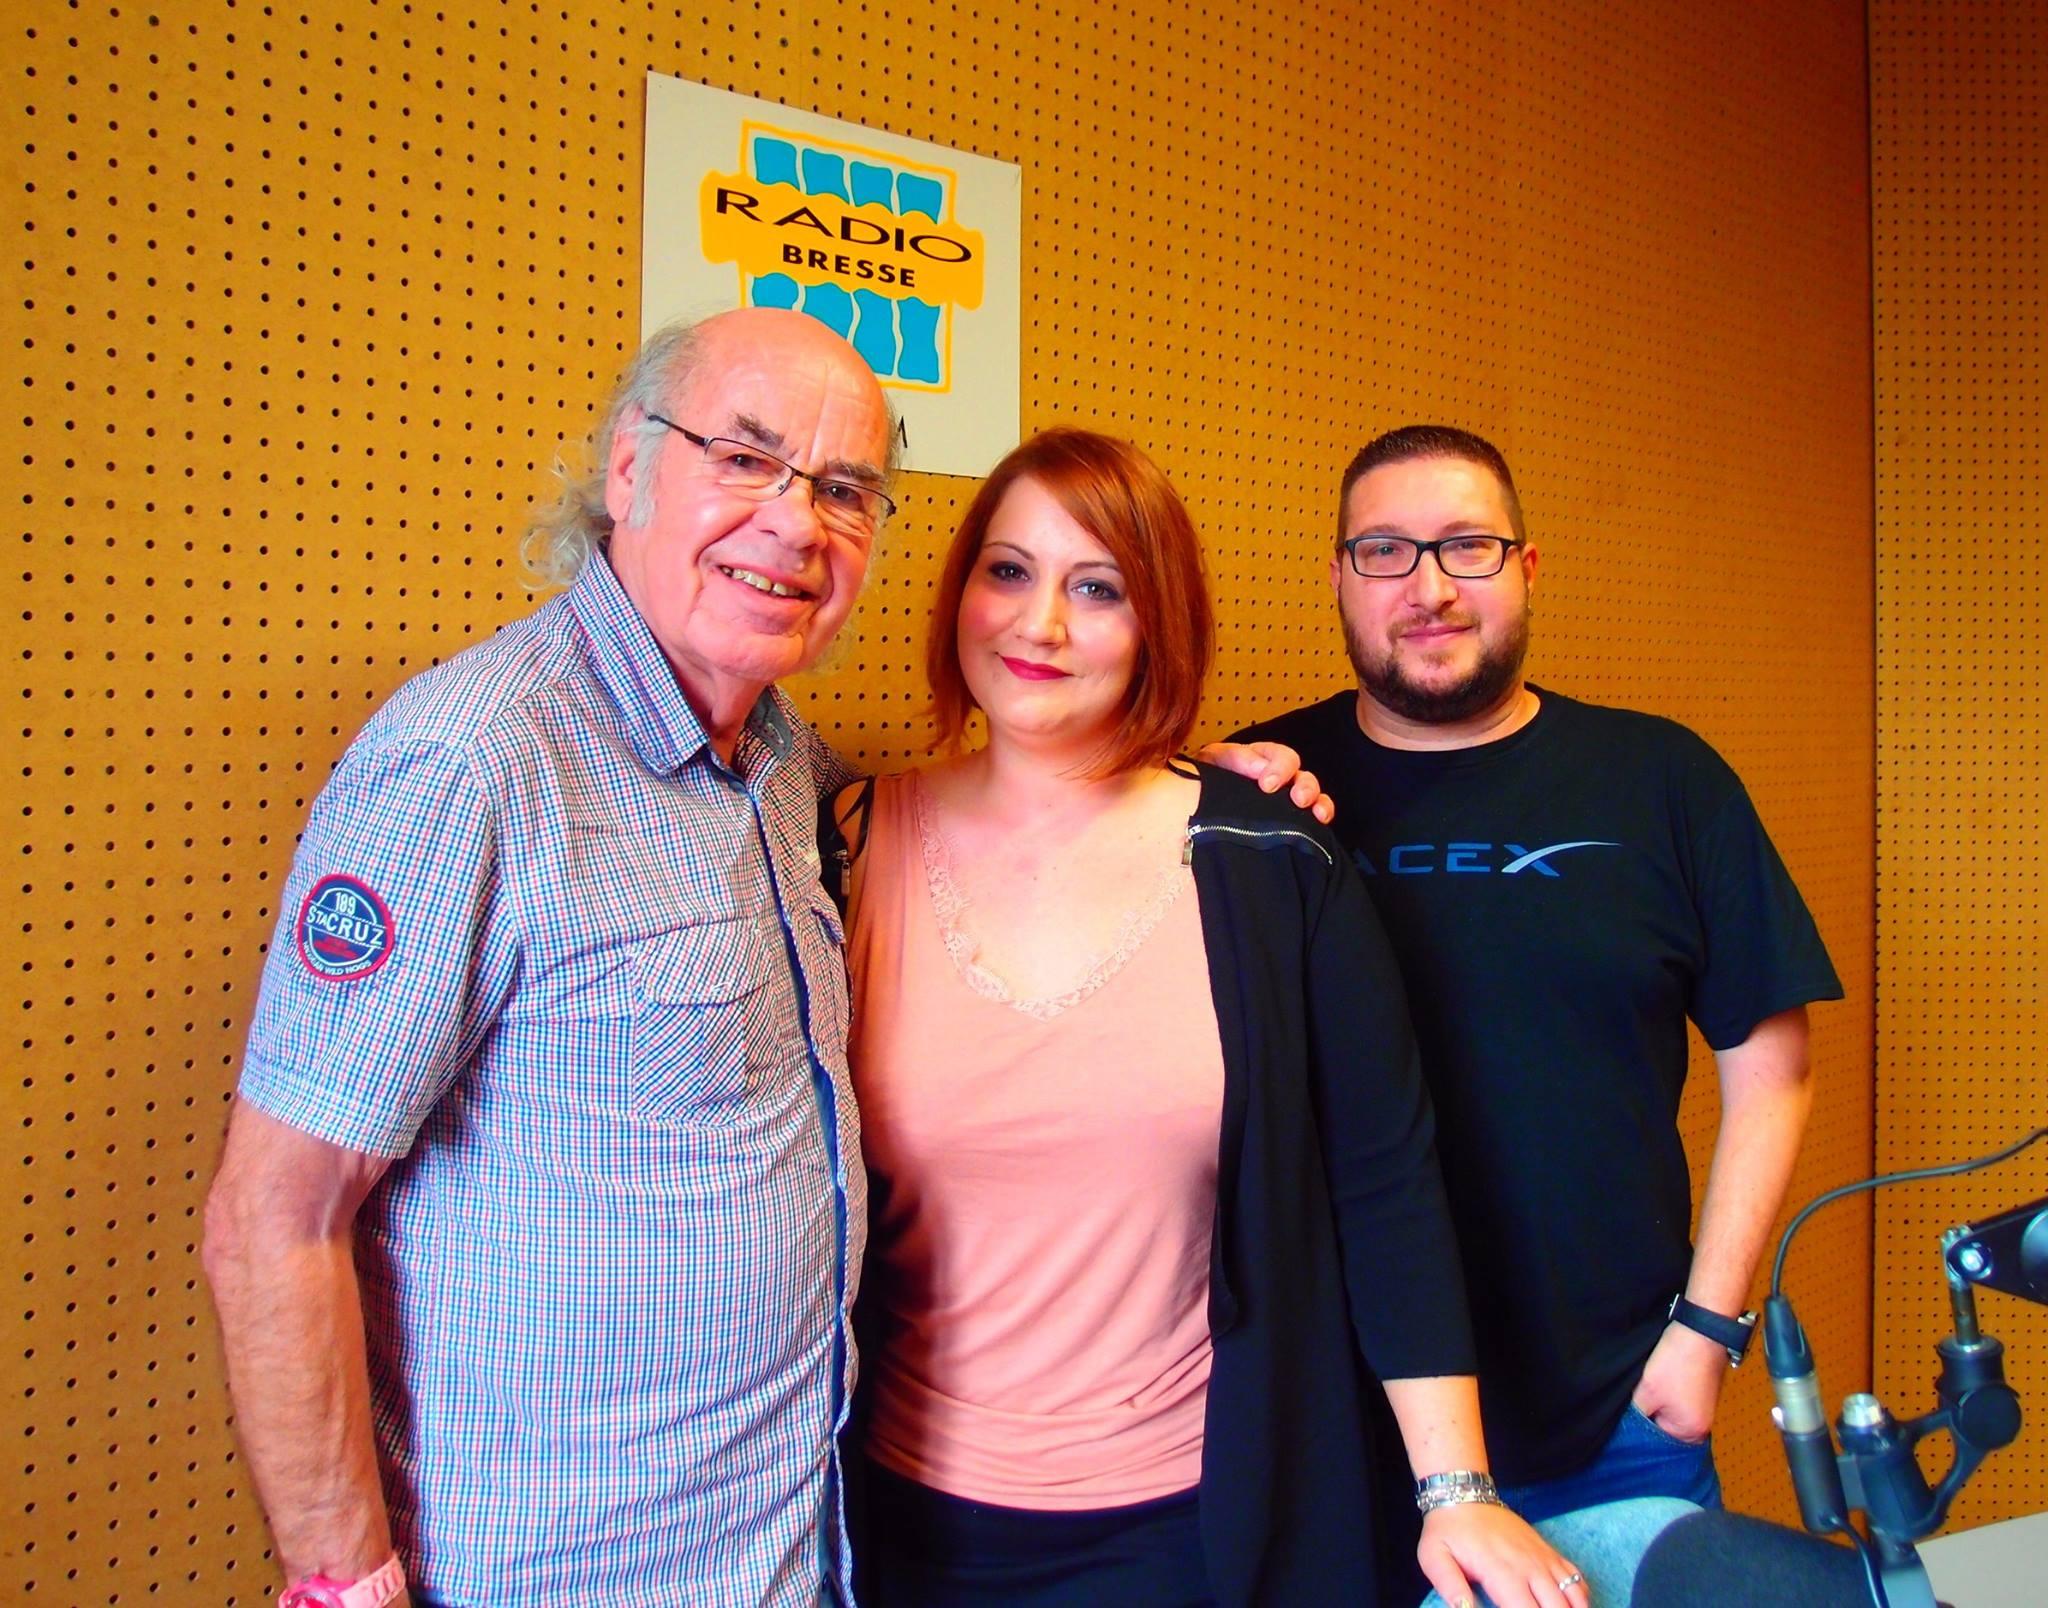 L'accordéoniste Gilou et la chanteuse Grâce Jourdier invités dans la matinale